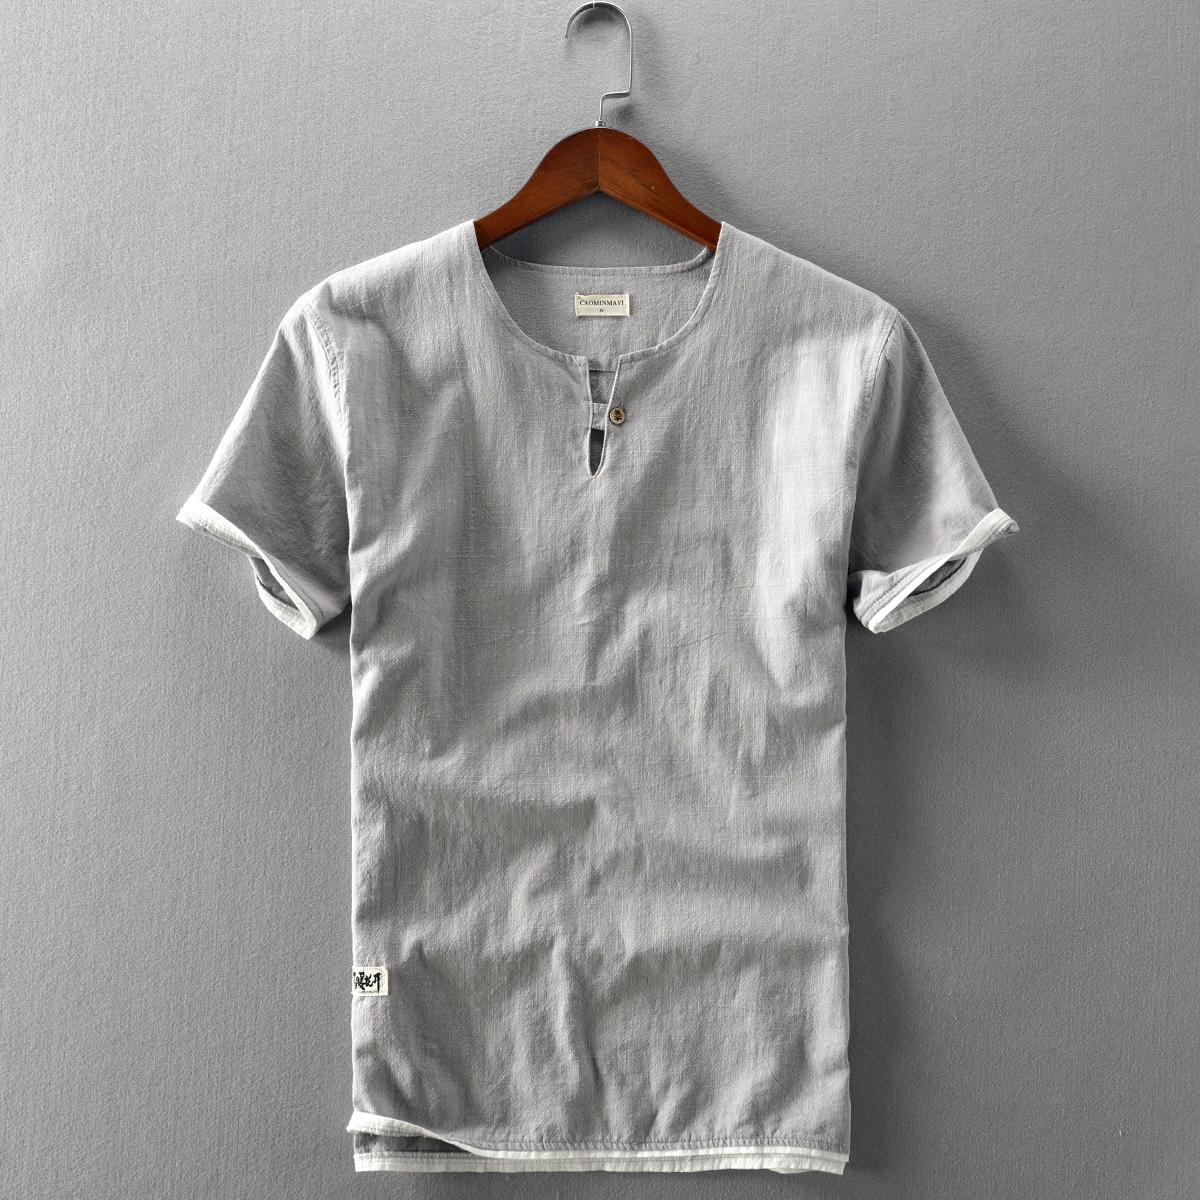 夏季男士新款休闲亚麻衬衫短袖套头纯色棉麻布拼接袖薄款水洗T恤